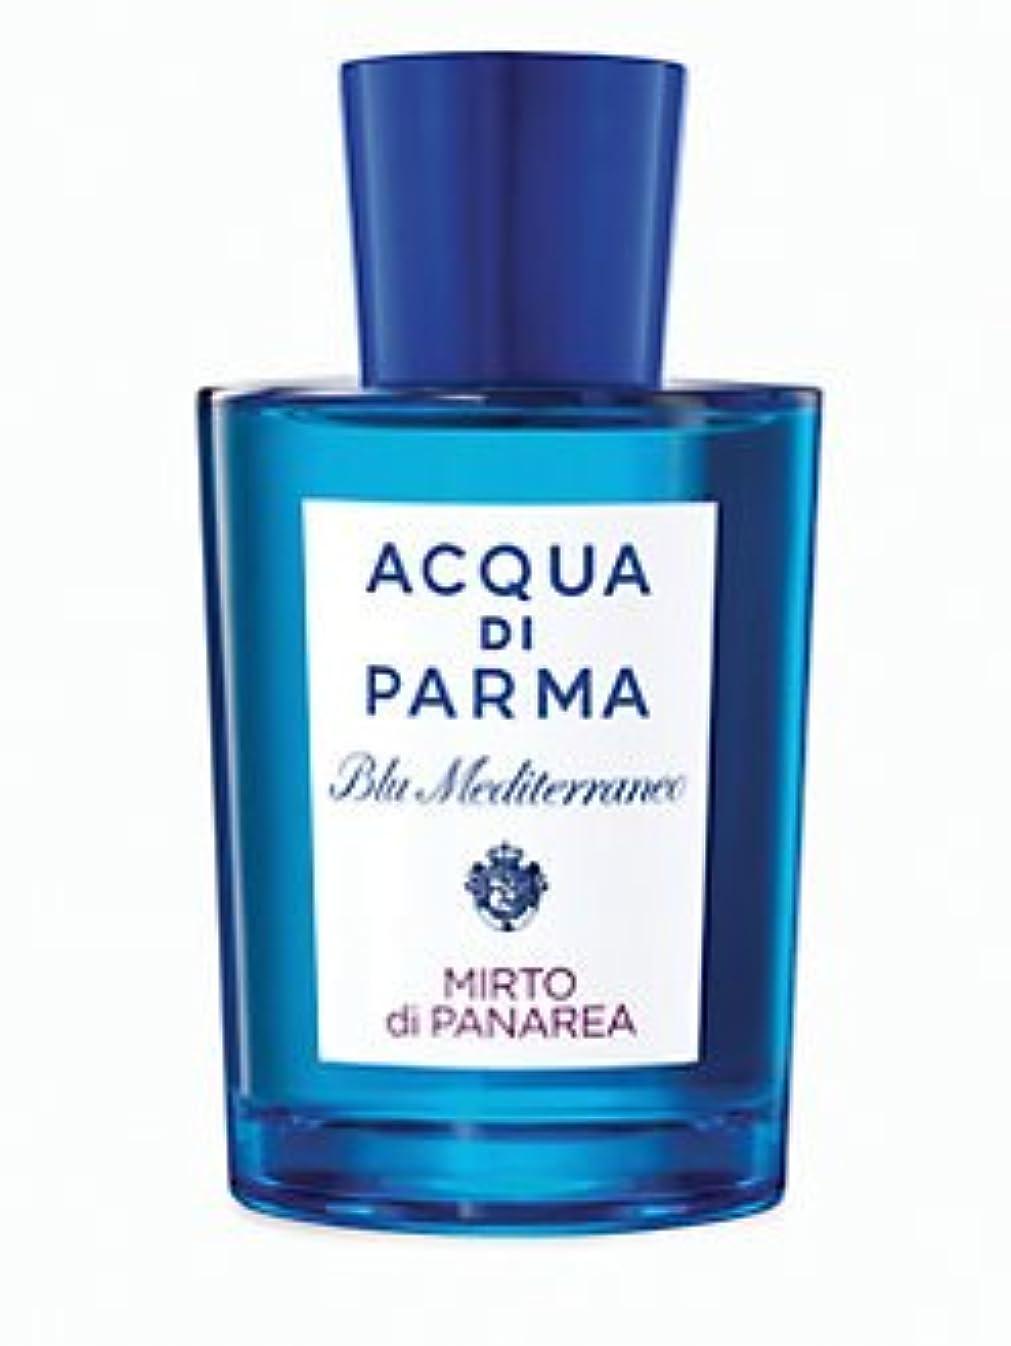 スコットランド人傭兵到着Blu Mediterraneo Mirto di Panarea (ブルー メディタレーネオ ミルト ディ パナレア) 5.0 oz (150ml) EDT Spray by Acqua di Parma